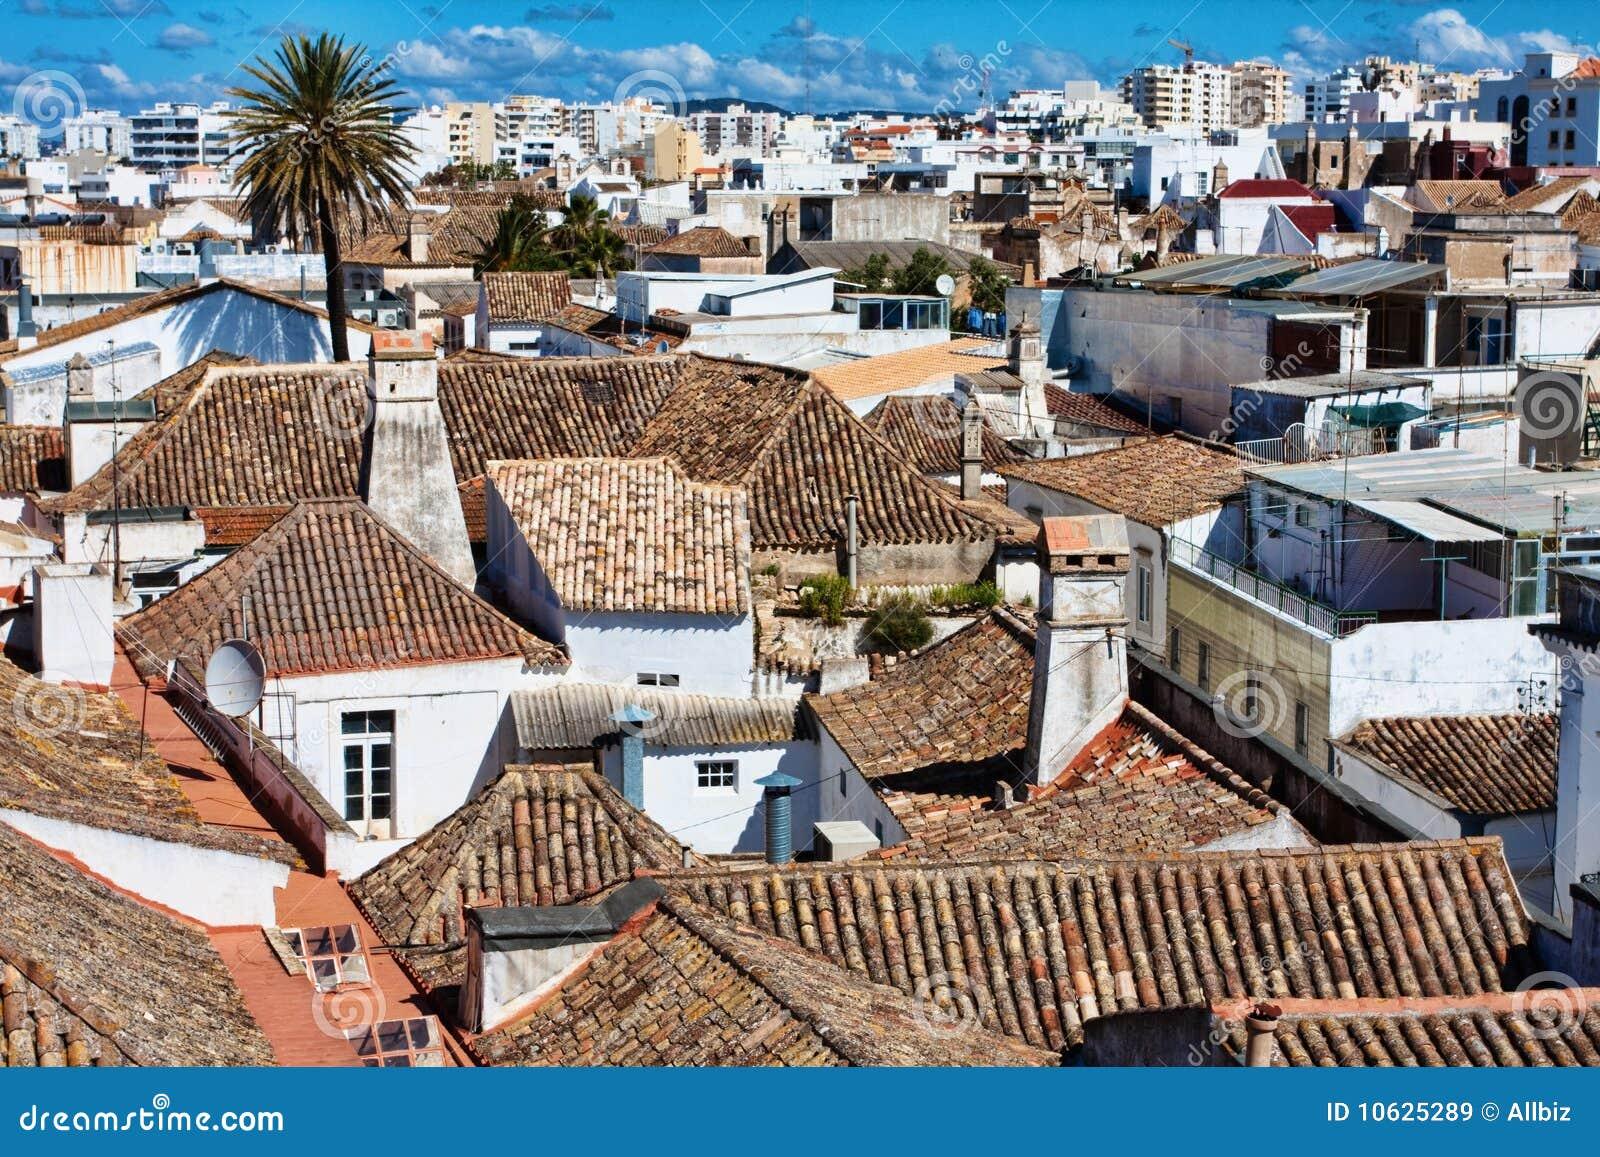 Faro-Stadt Lizenzfreie Stockbilder - Bild: 10625289